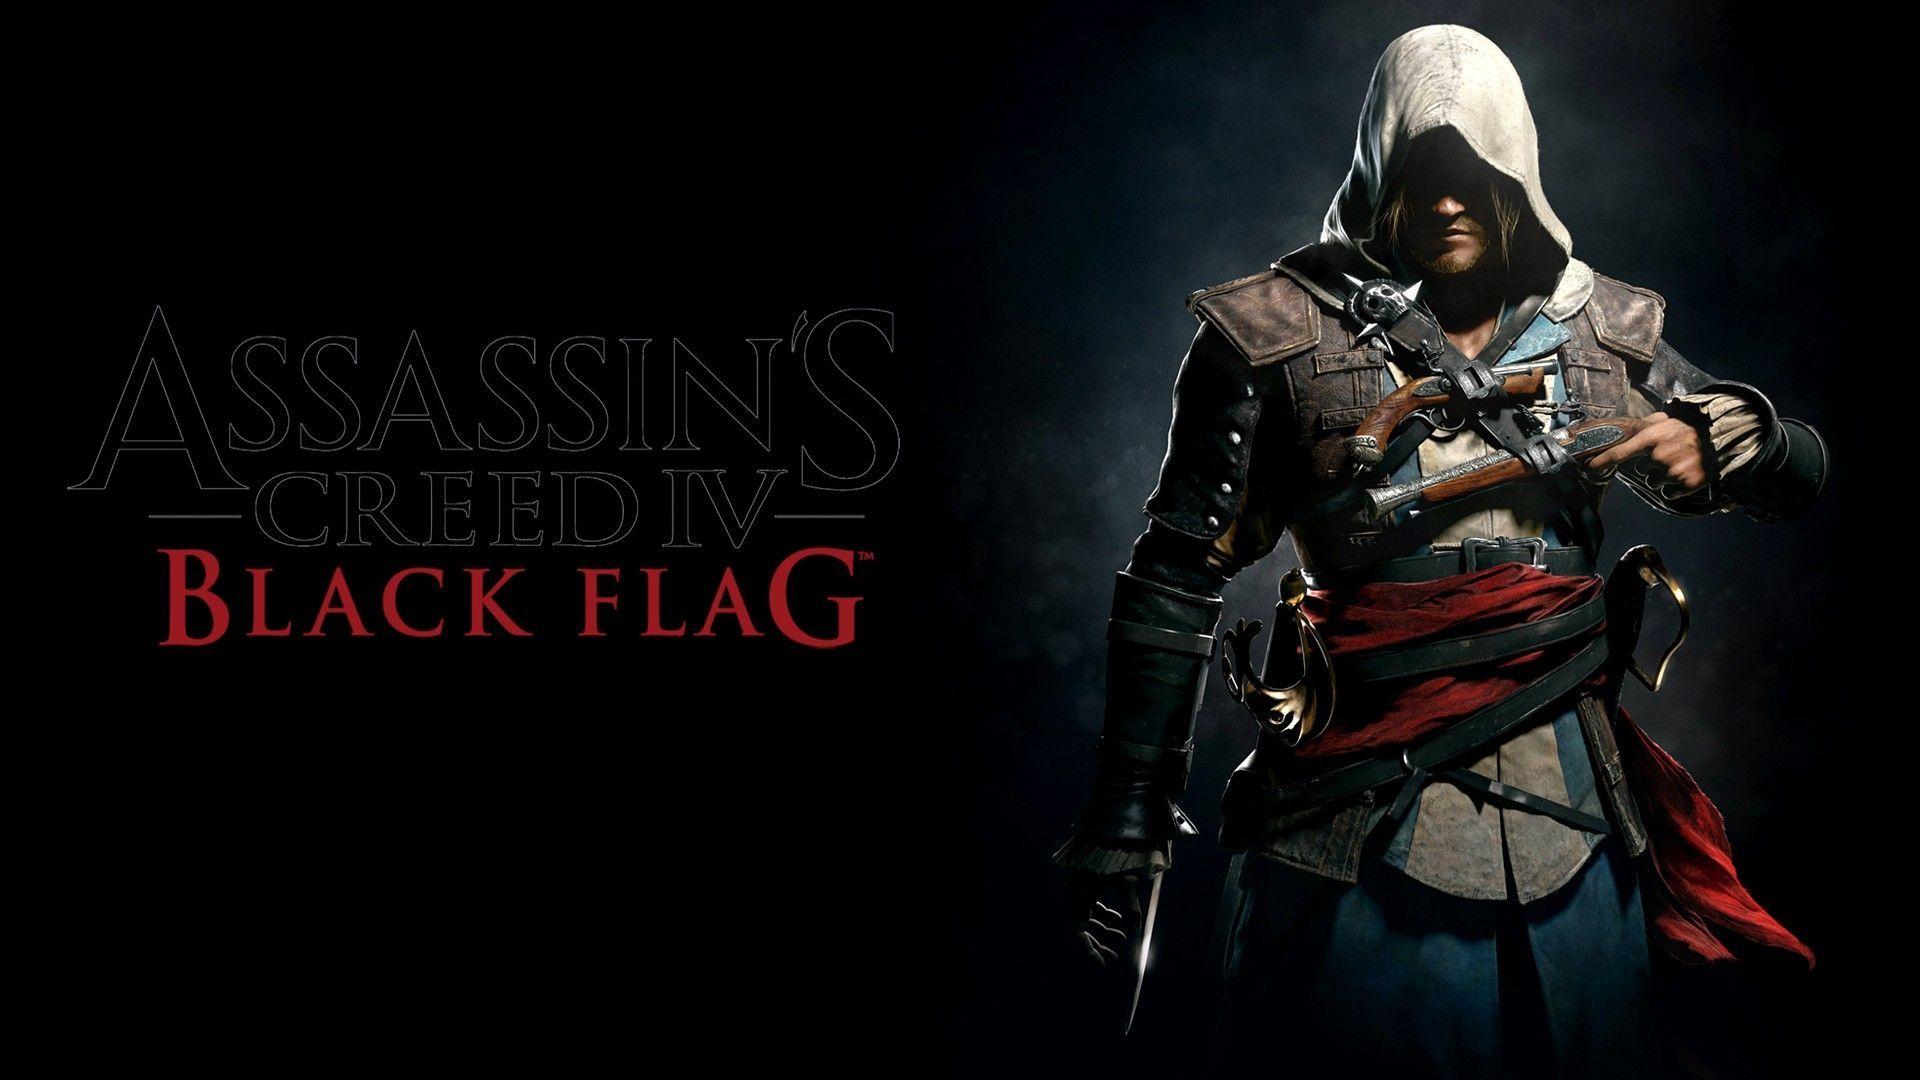 育碧steam平台《刺客信条:黑旗》竟会神秘消失